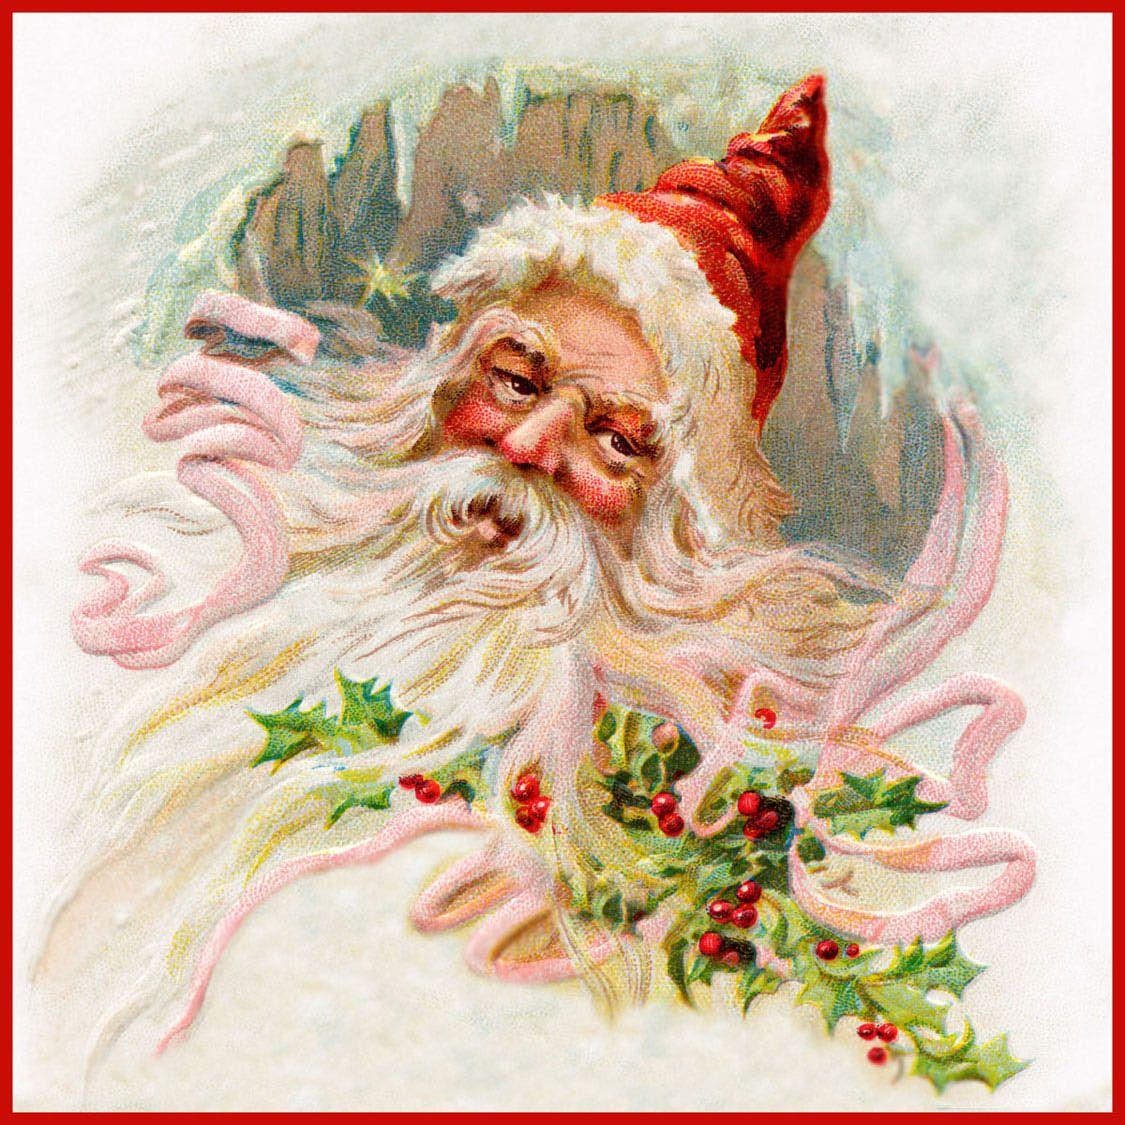 A Vintage Santa Claus Illustration Navidad Vintage Estampillas Sellos